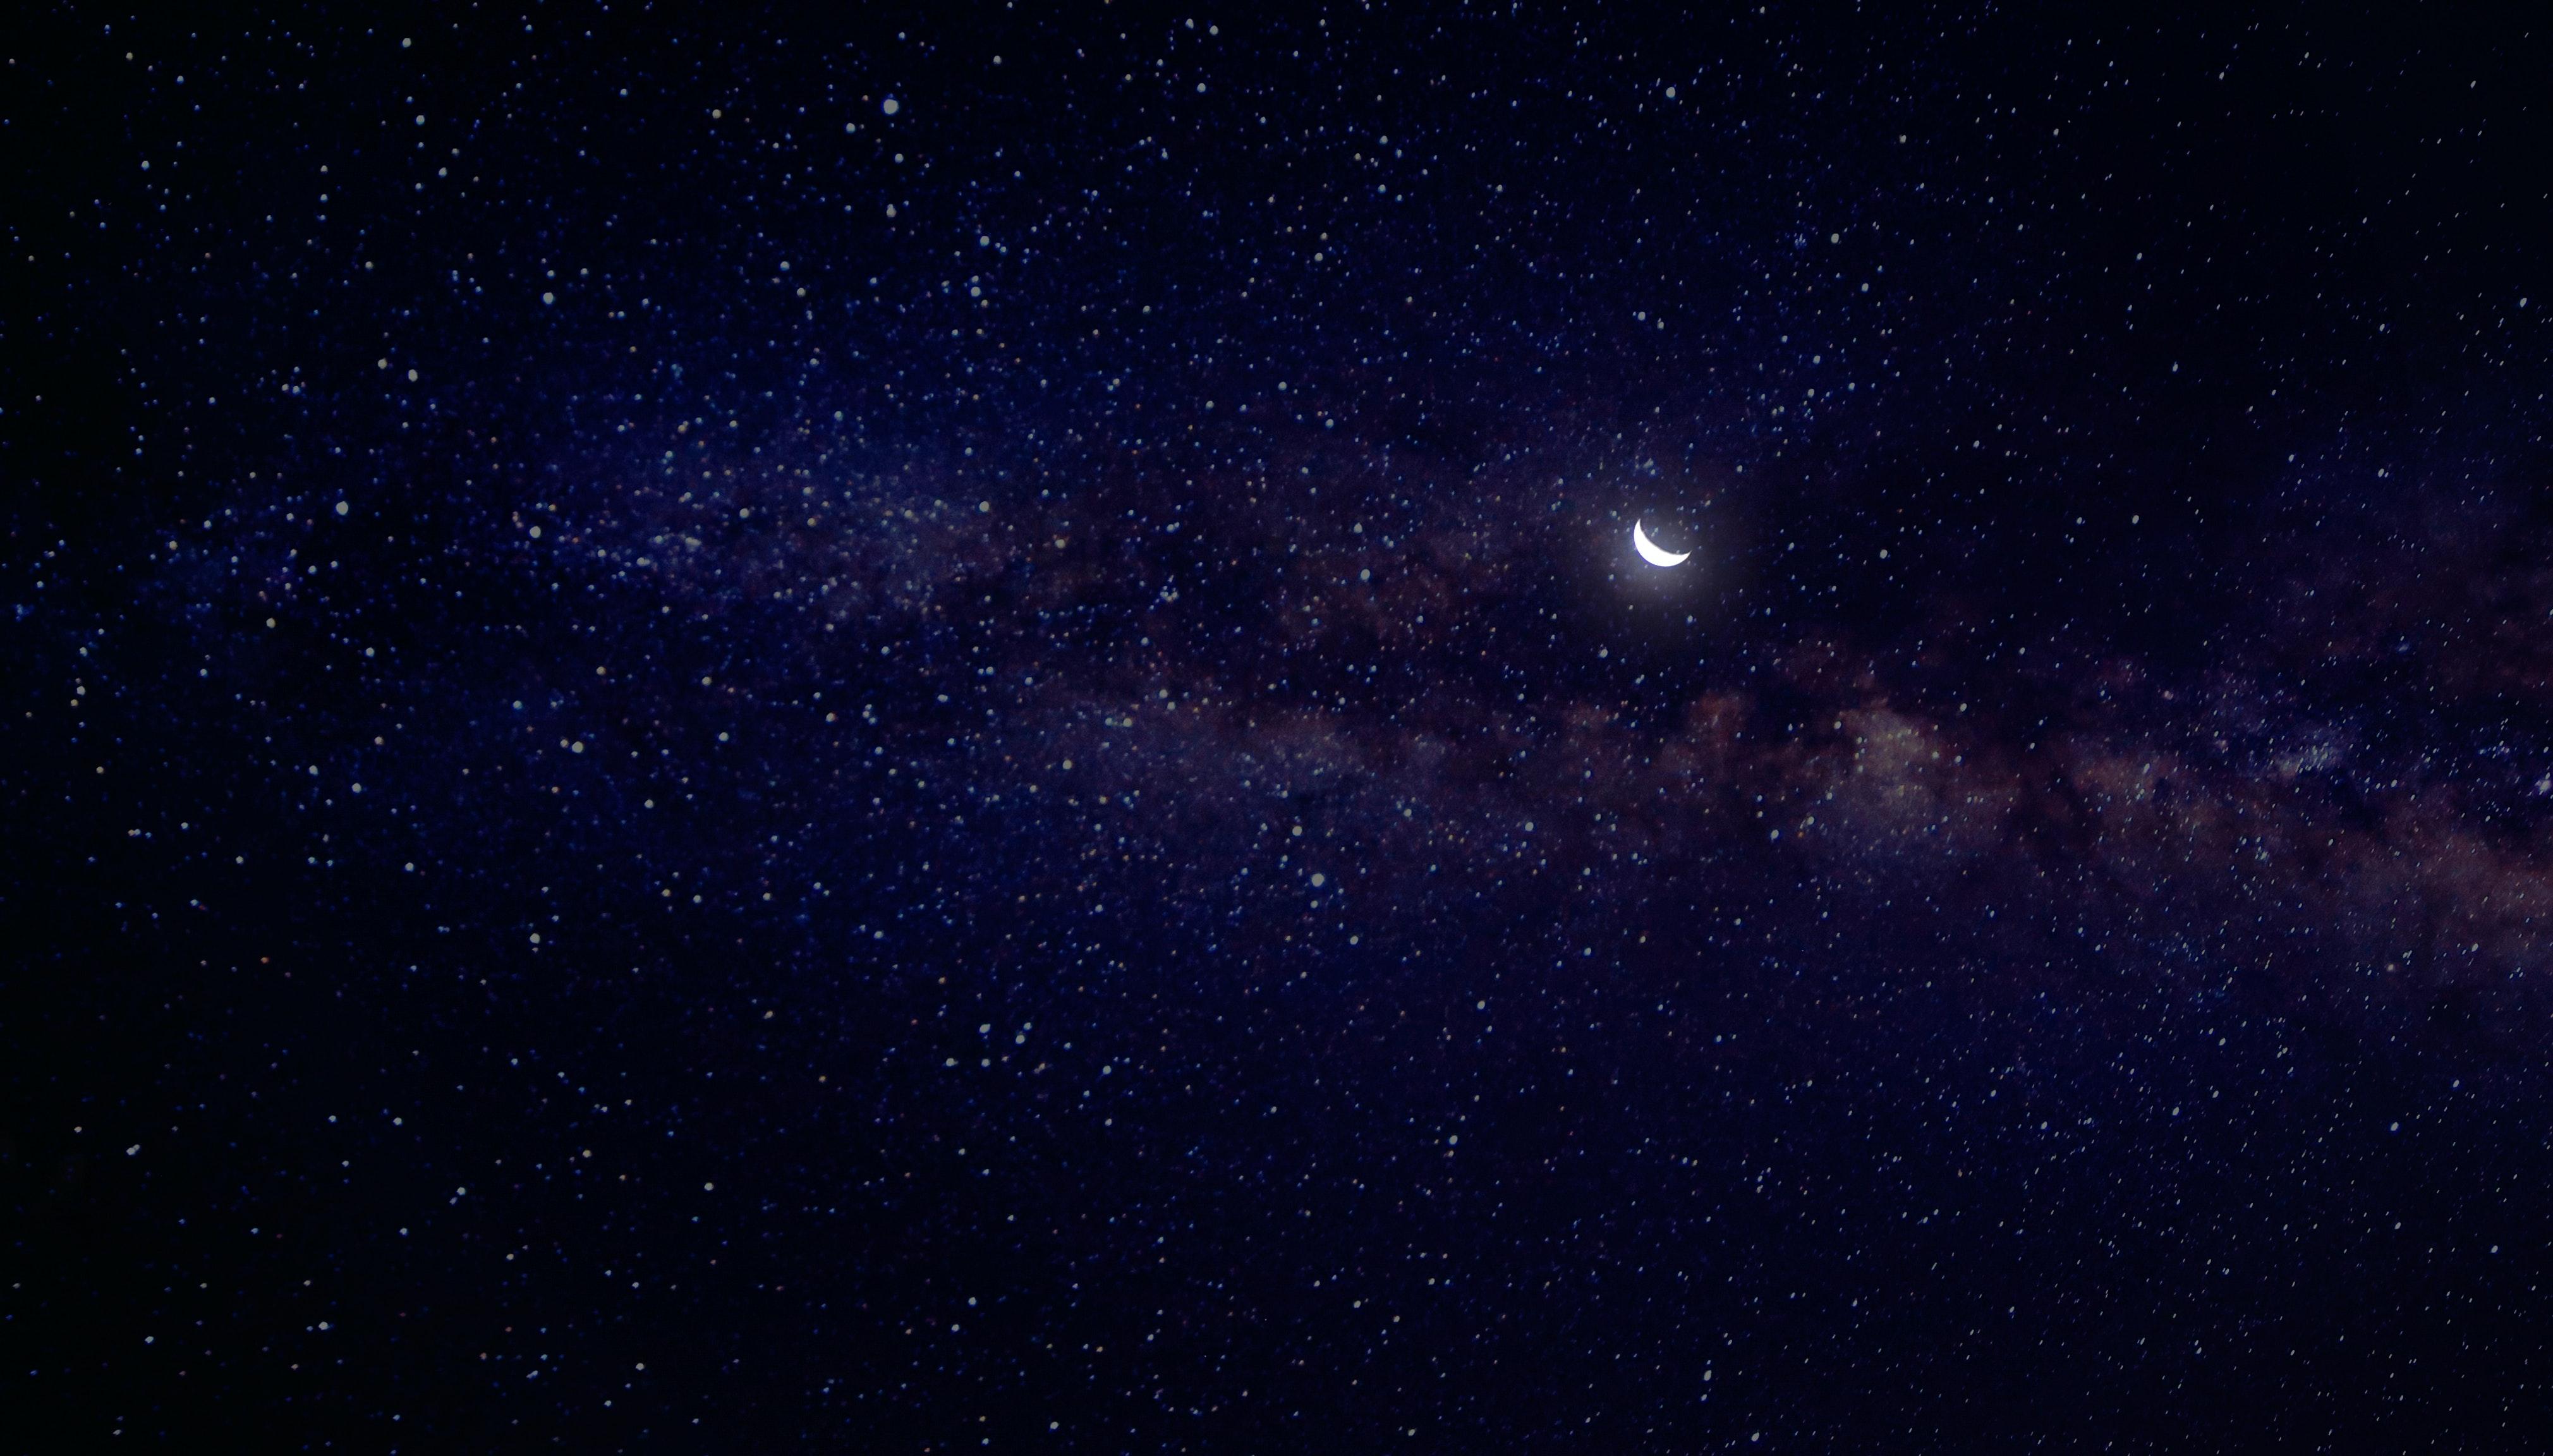 Engaging Night Sky Photos · · Free Stock